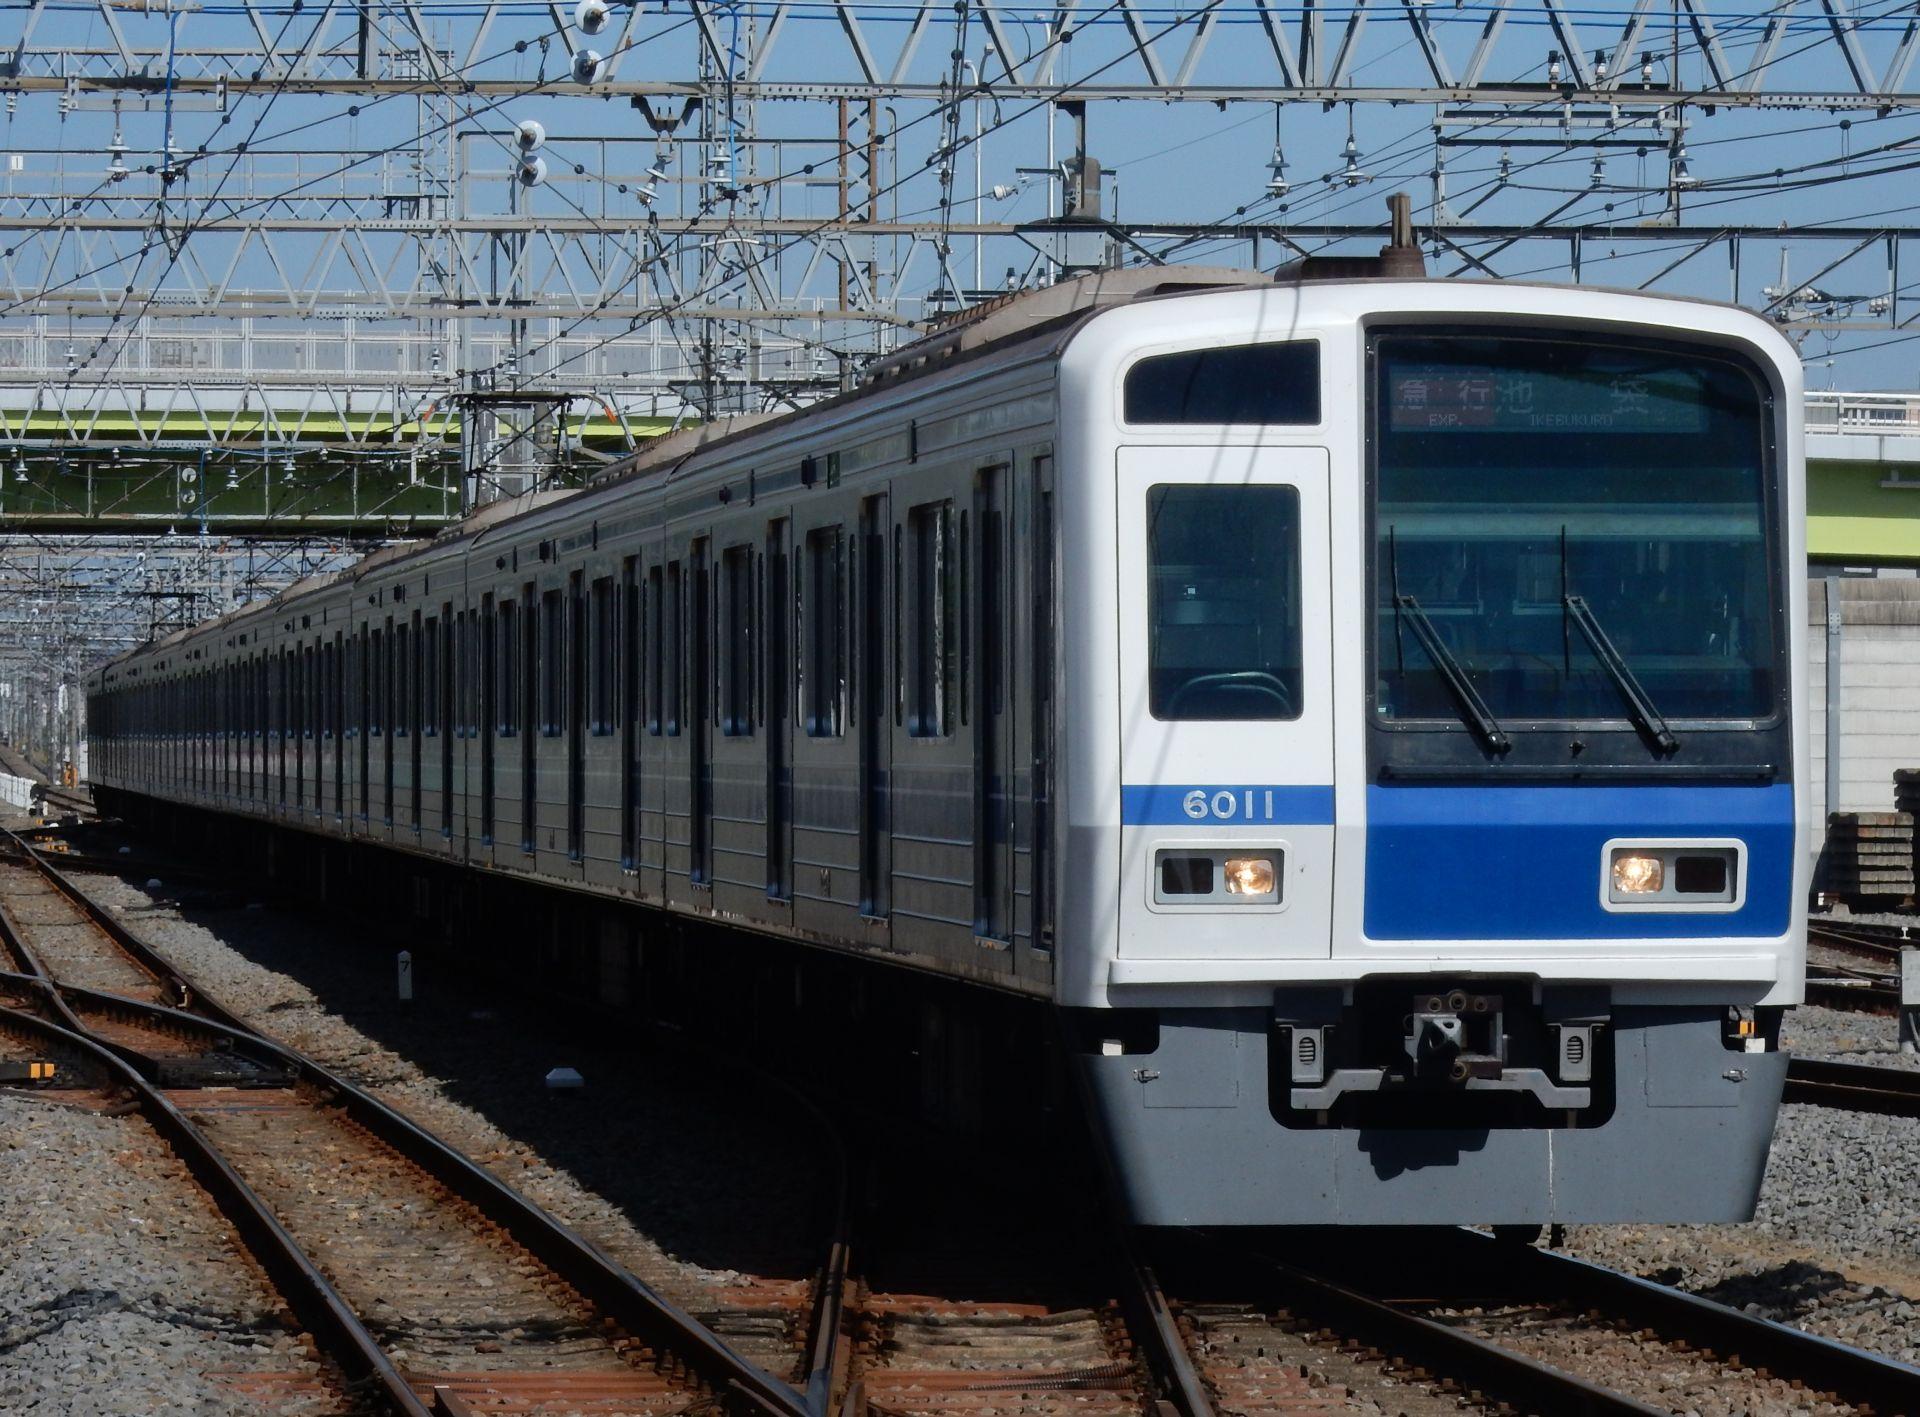 DSCN9462 - コピー